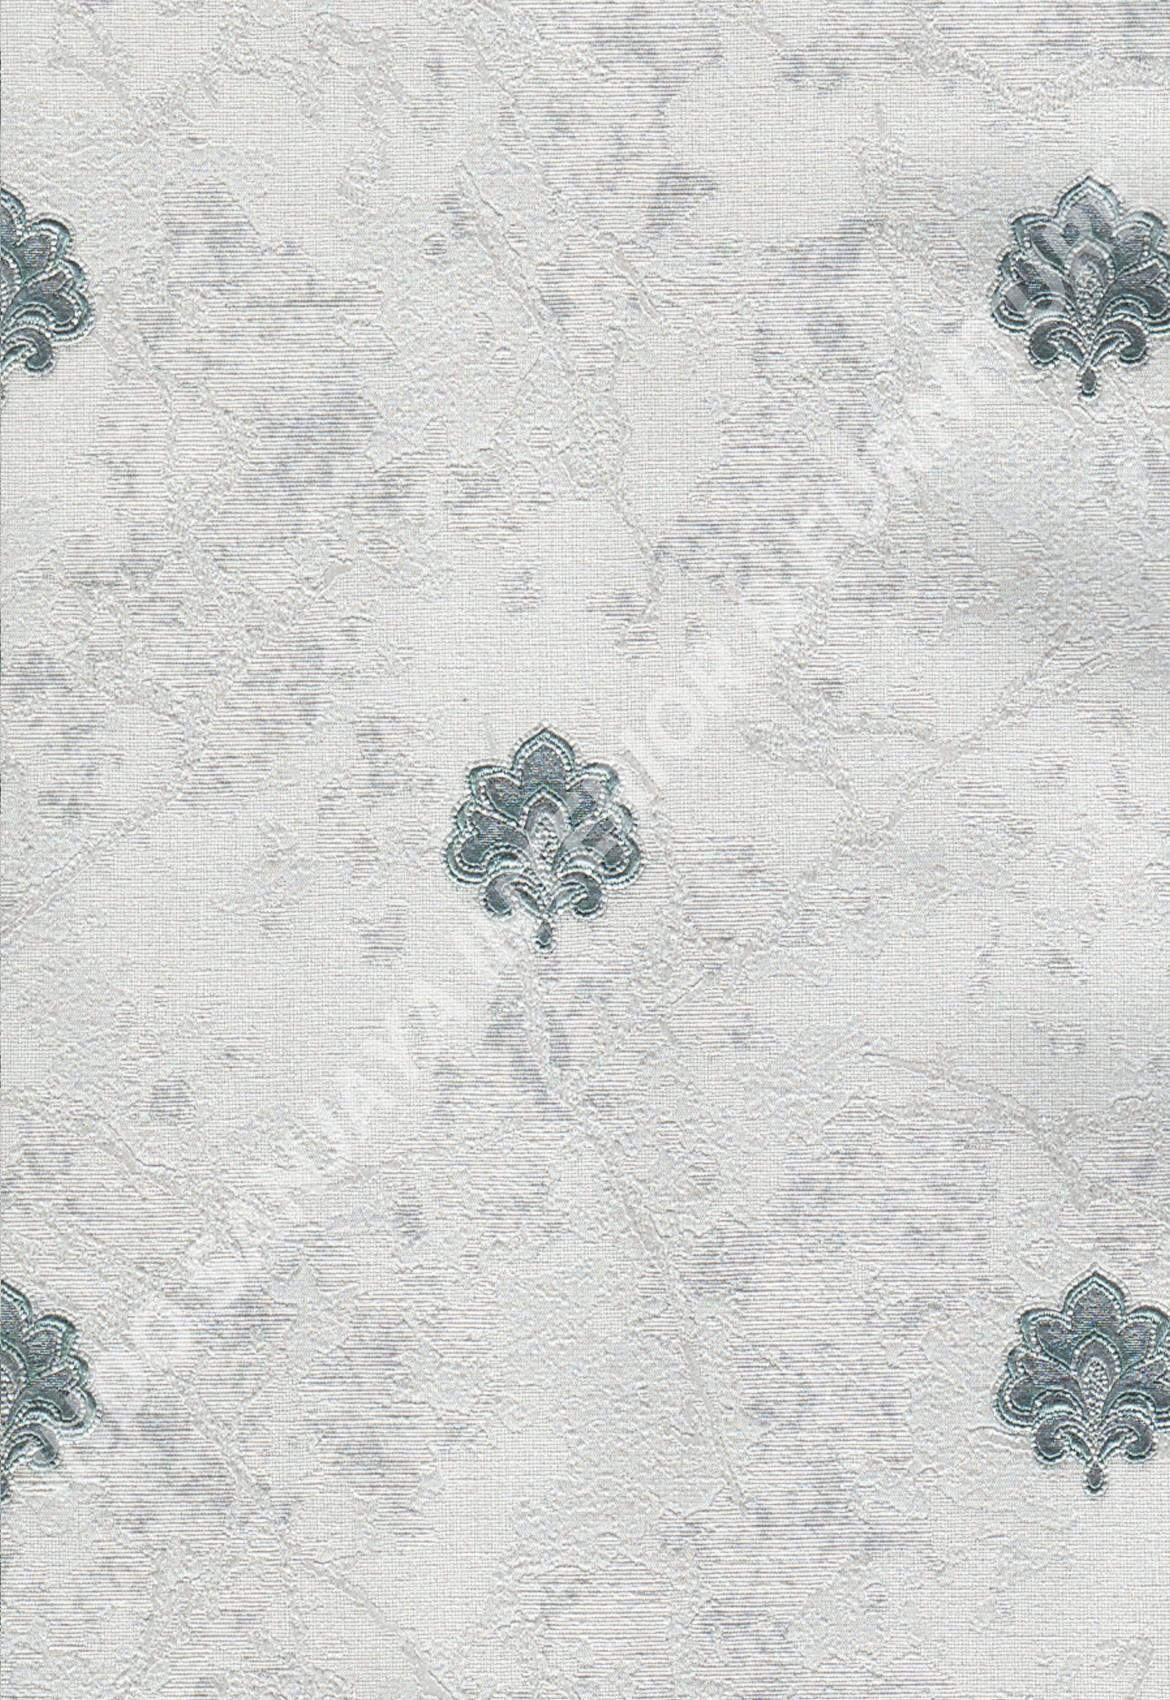 wallpaper   Wallpaper Klasik Batik (Damask) 81125-4:81125-4 corak  warna